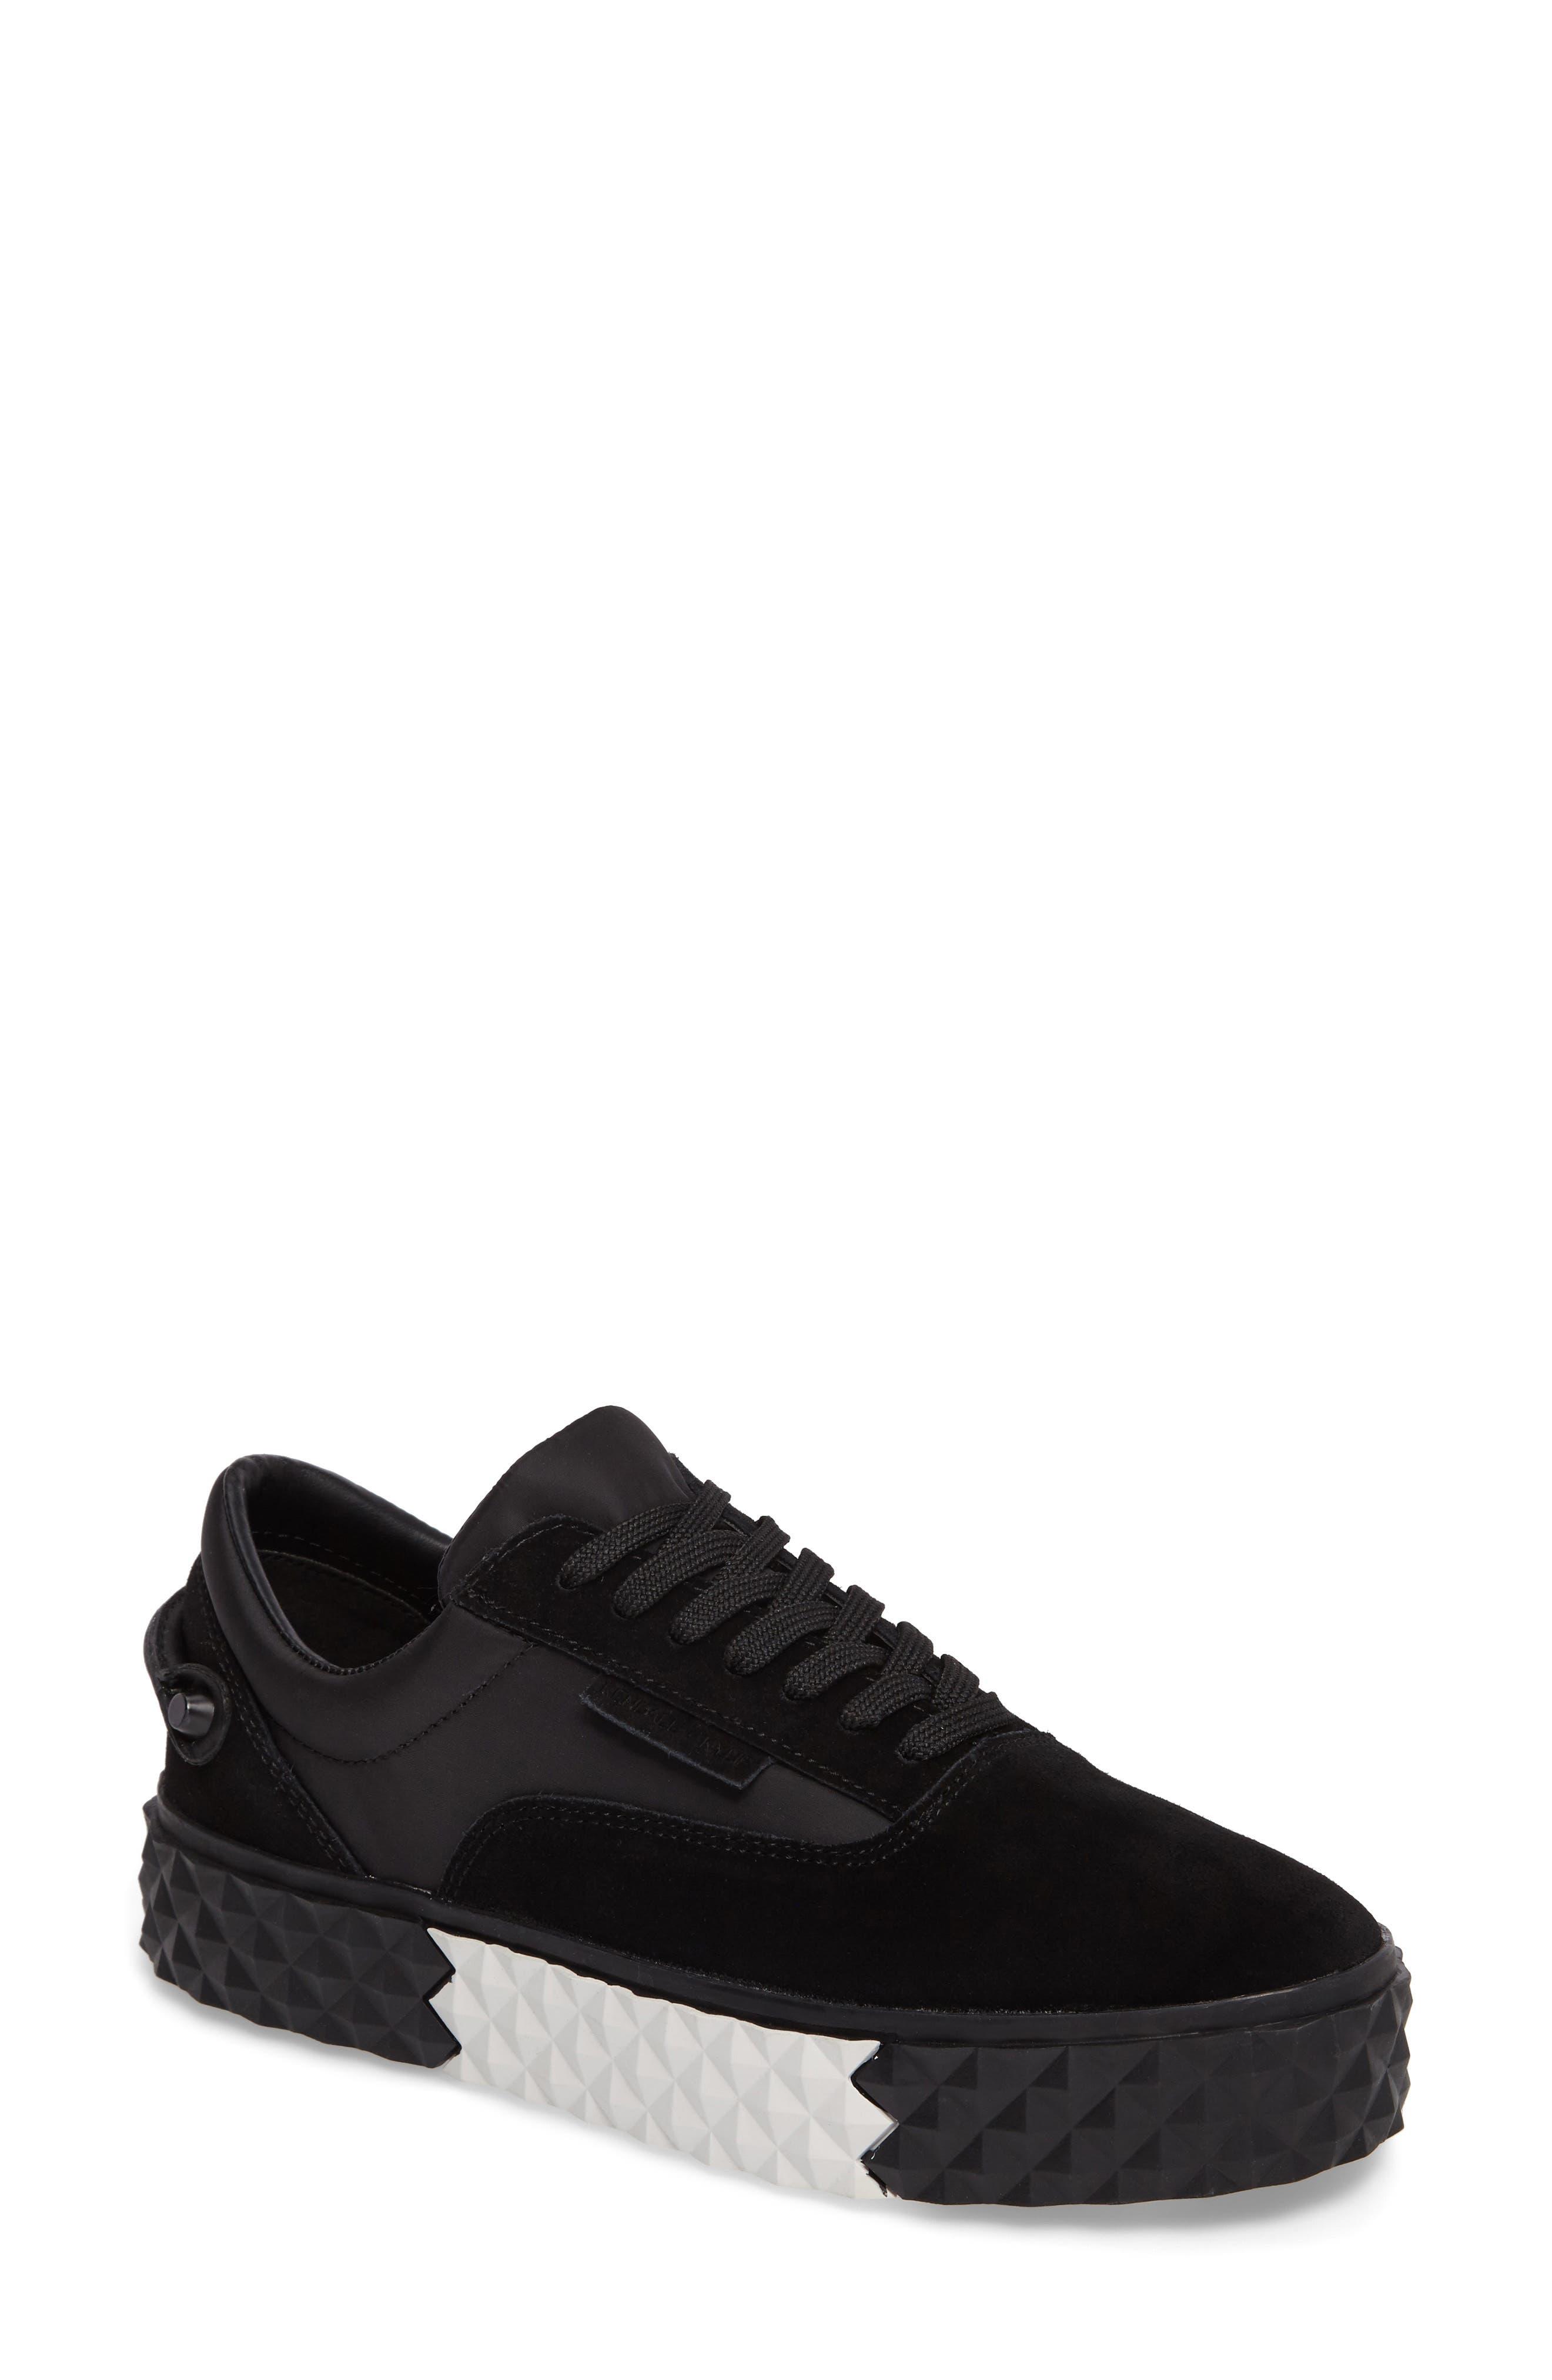 KENDALL + KYLIE Reign Platform Sneaker (Women)